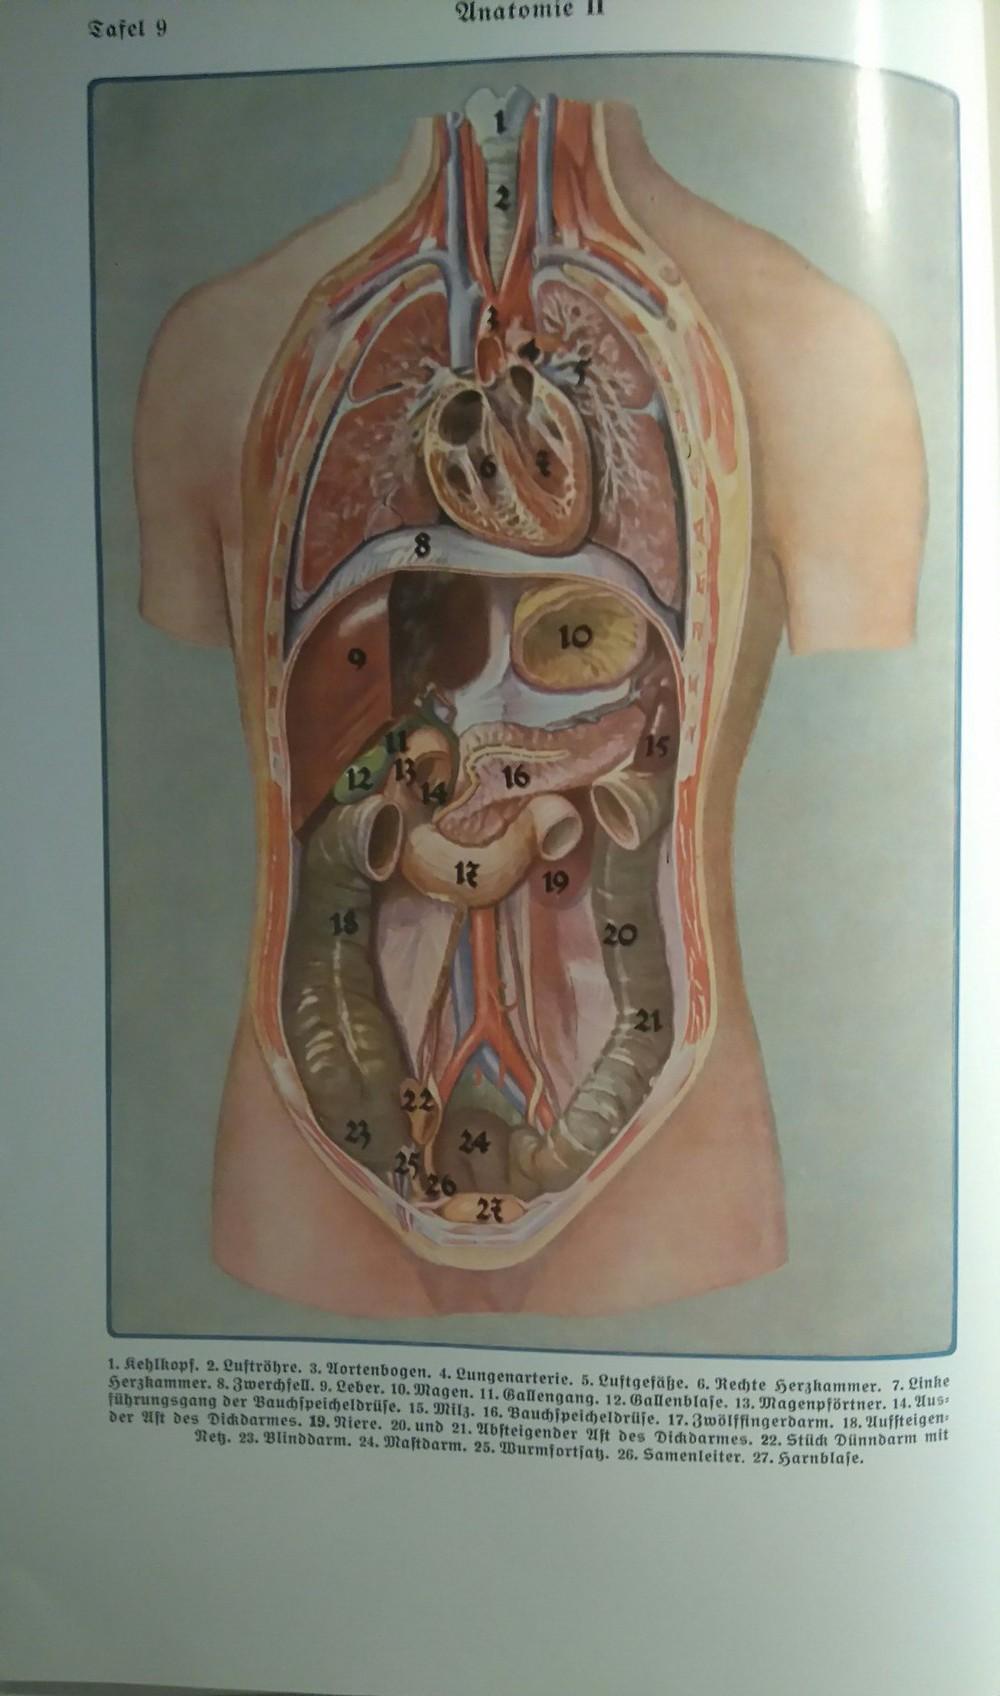 Großartig Leber Gallen System Anatomie Und Physiologie ...